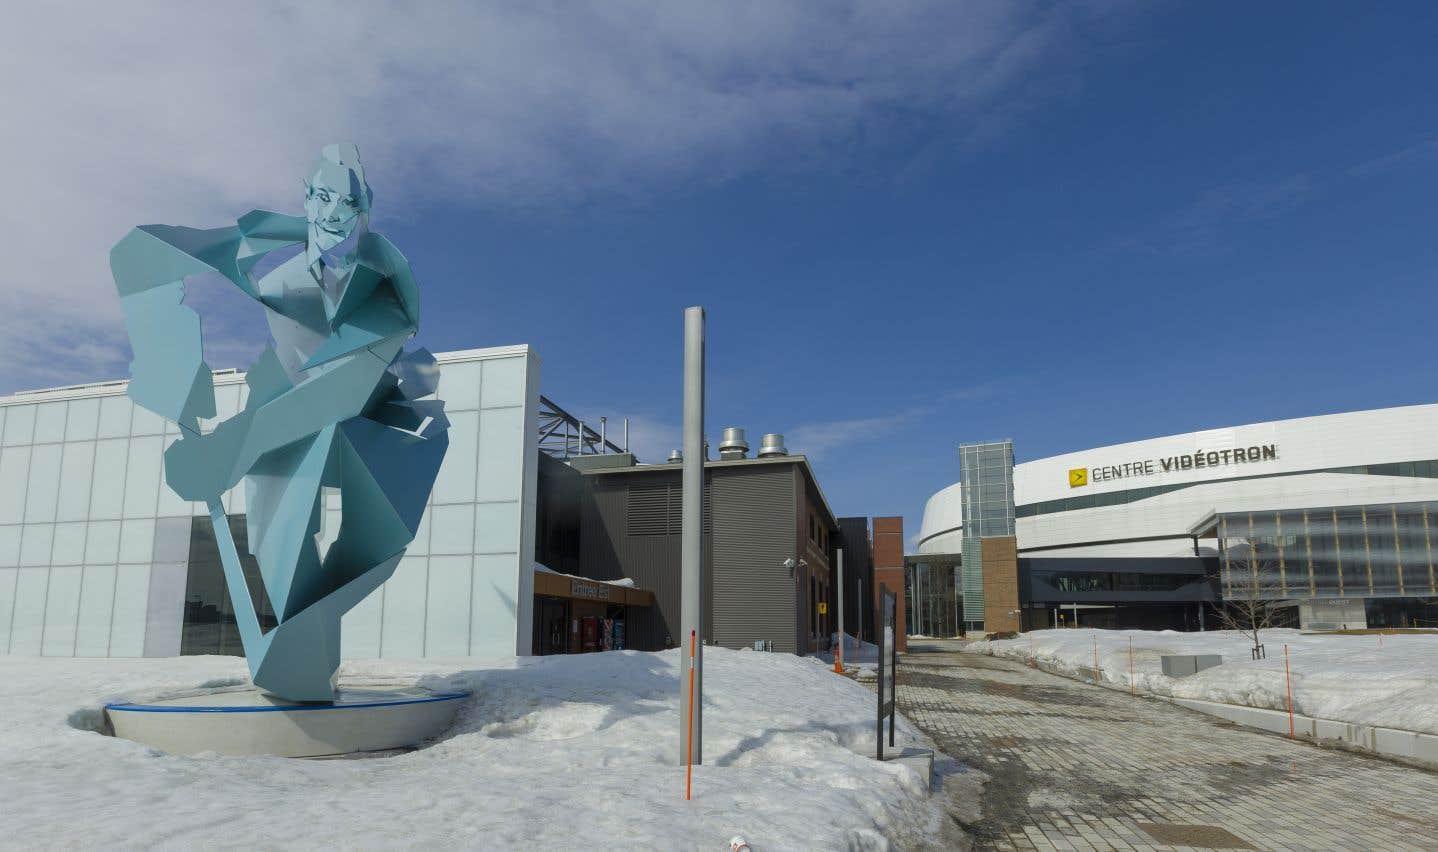 Le bâtiment se trouve au sud-est du Centre Vidéotron et est voisin de la Place Jean-Béliveau. Cette grande place publique inclut une grande patinoire extérieure ainsi qu'une sculpture du célèbre joueur du Canadien qui a évolué à Québec pour l'équipe des As dans sa jeunesse.